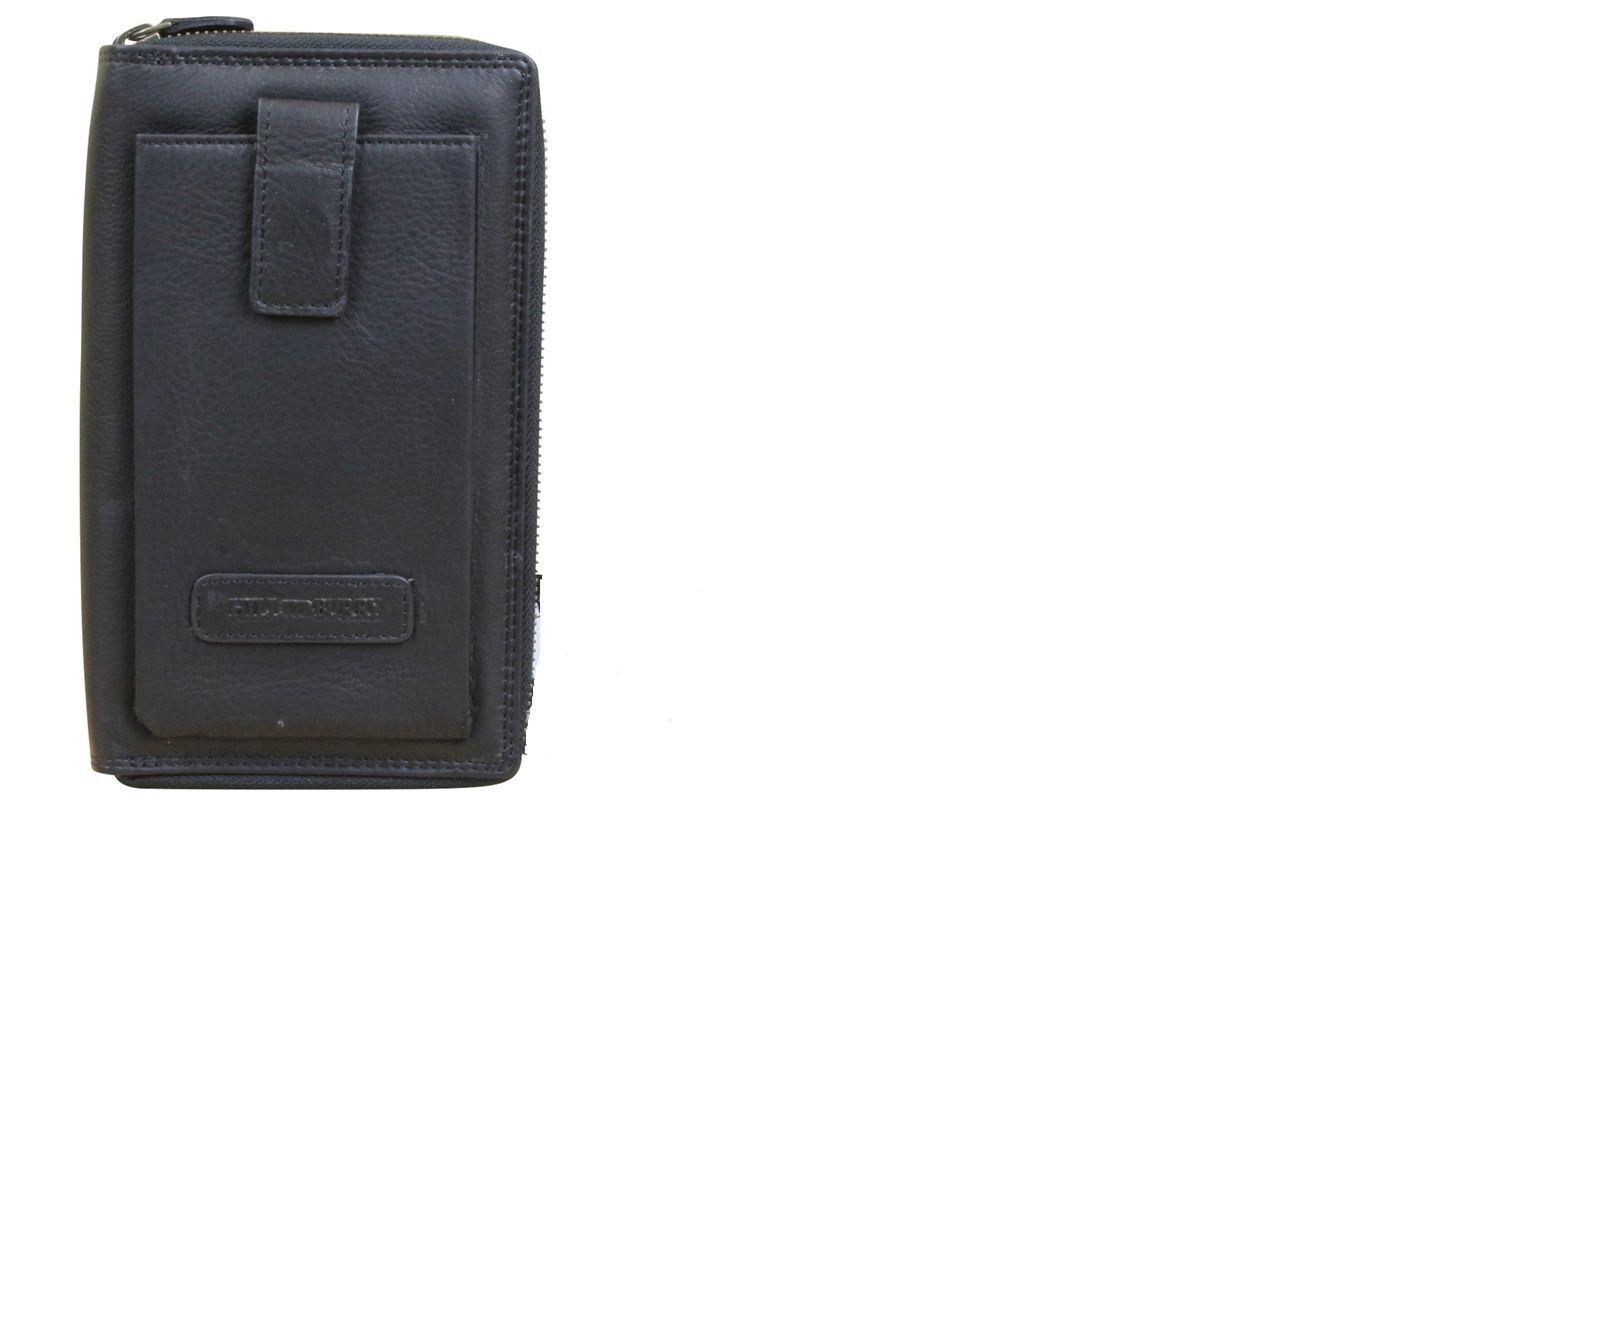 Hill Burry Leder Leder Leder Organizer Krotitkartenetui Reisebrieftasche Flug Brieftasche | Online Shop Europe  c5985f